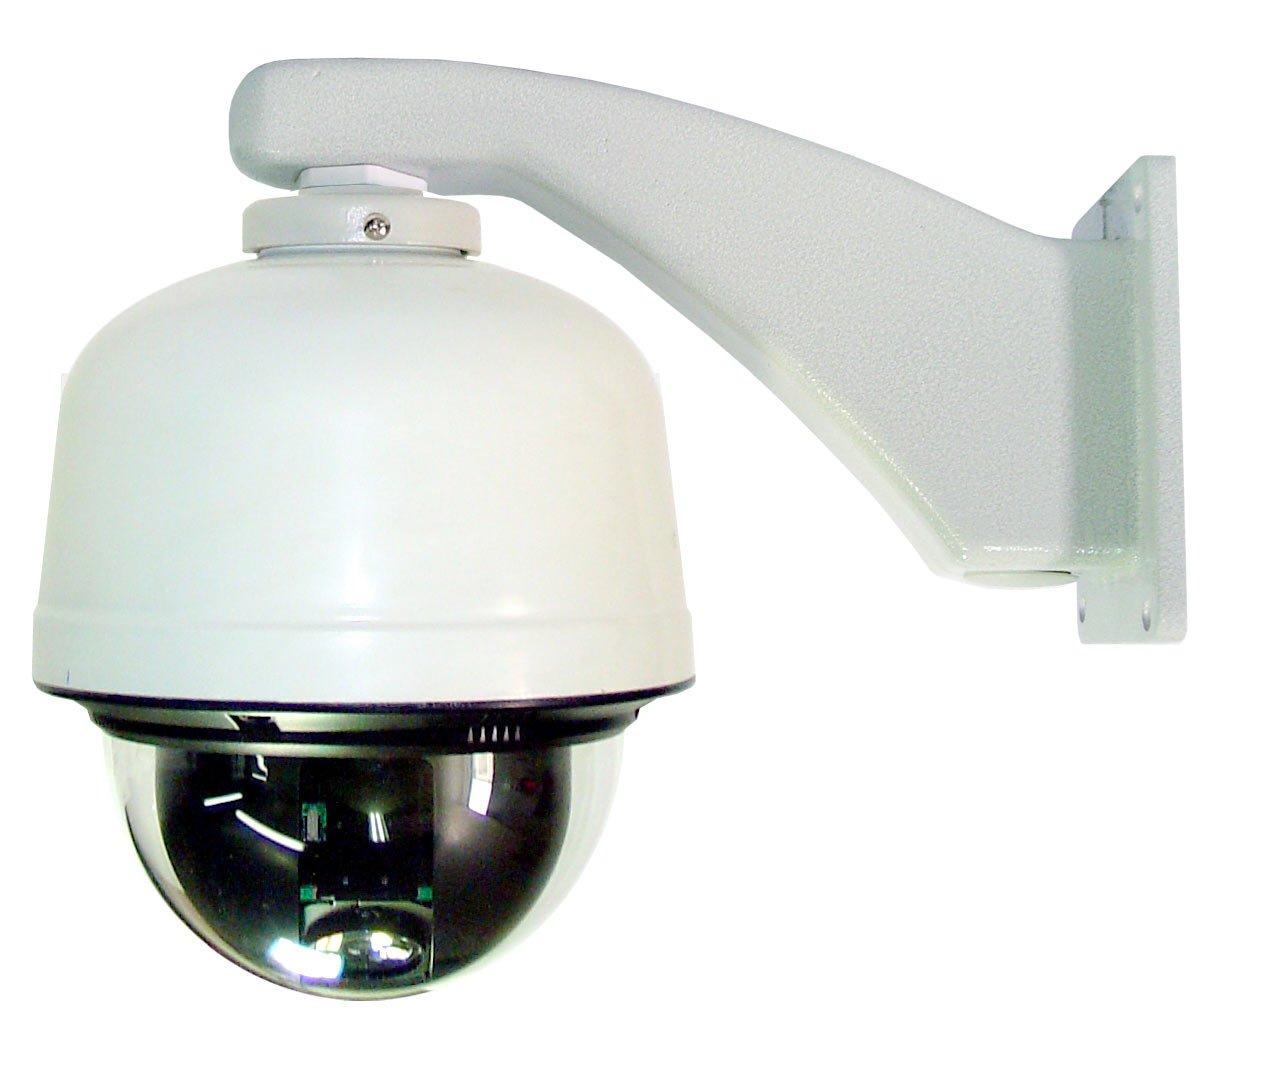 IP CCTV VIDEO SURVEILLANCE